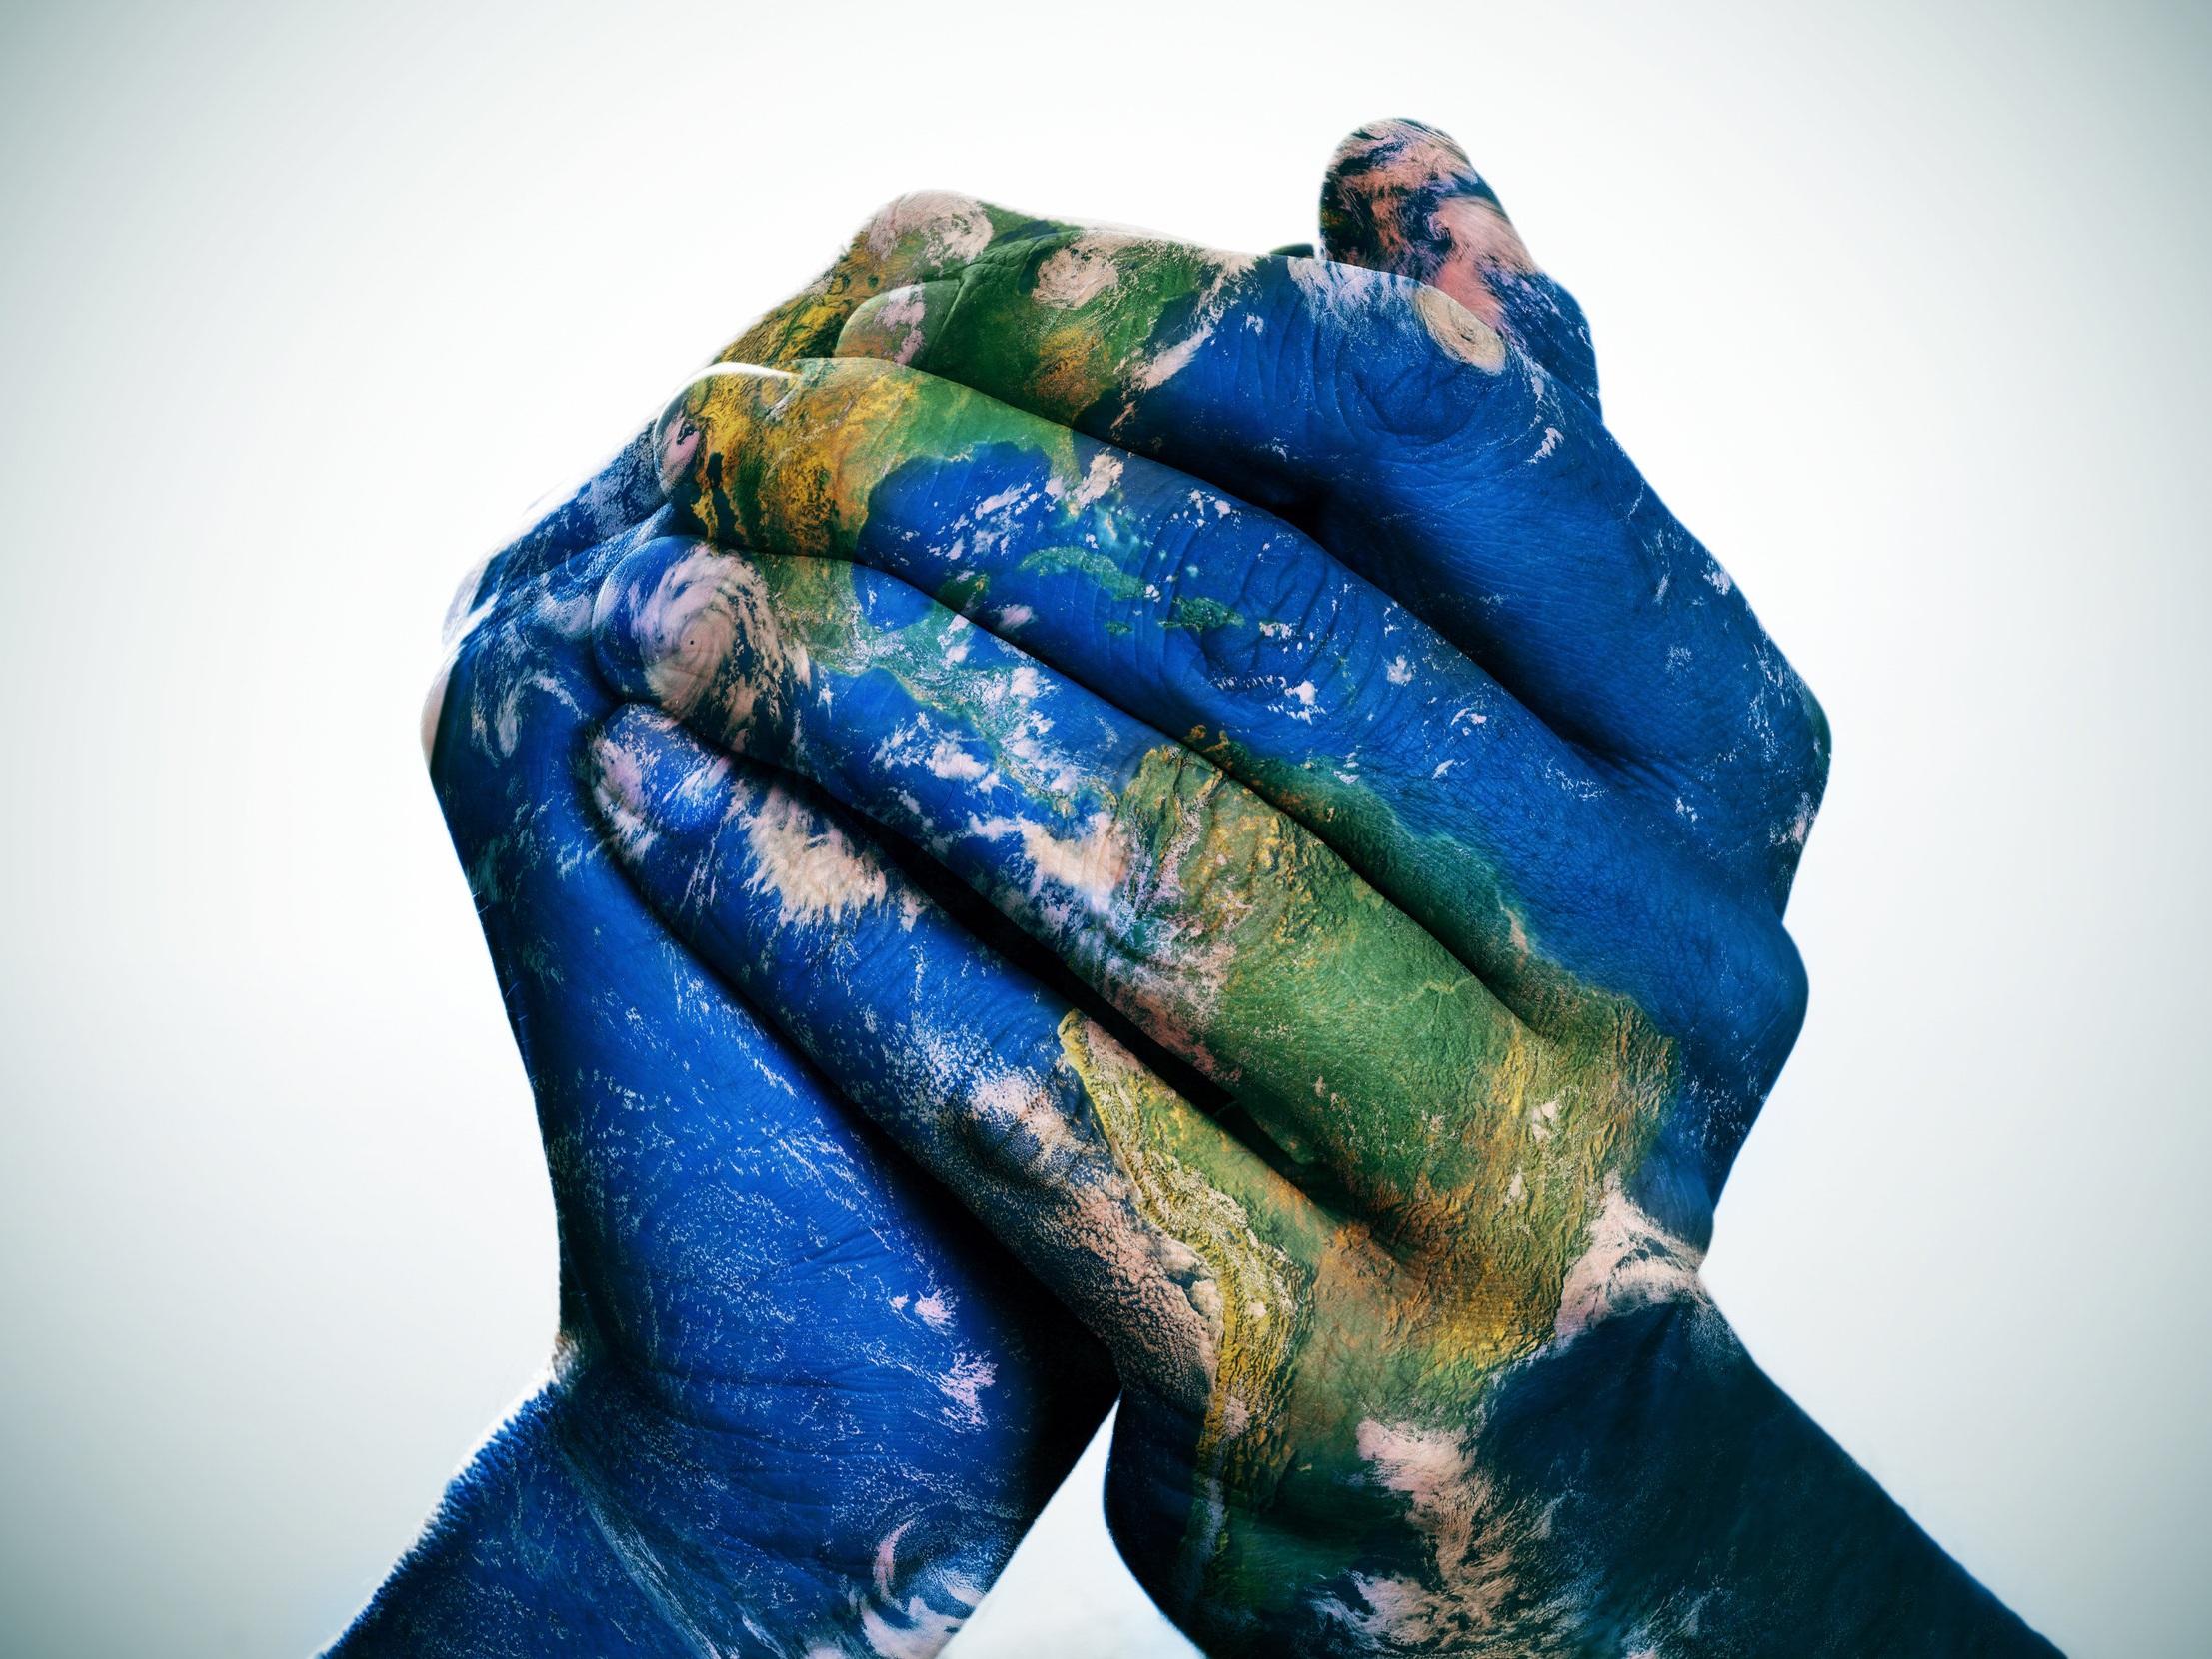 Lederudviklingsforløb - Vil du arbejde i dybden med dig selv, dit formål, din virksomhed og FN's 17 verdensmål?